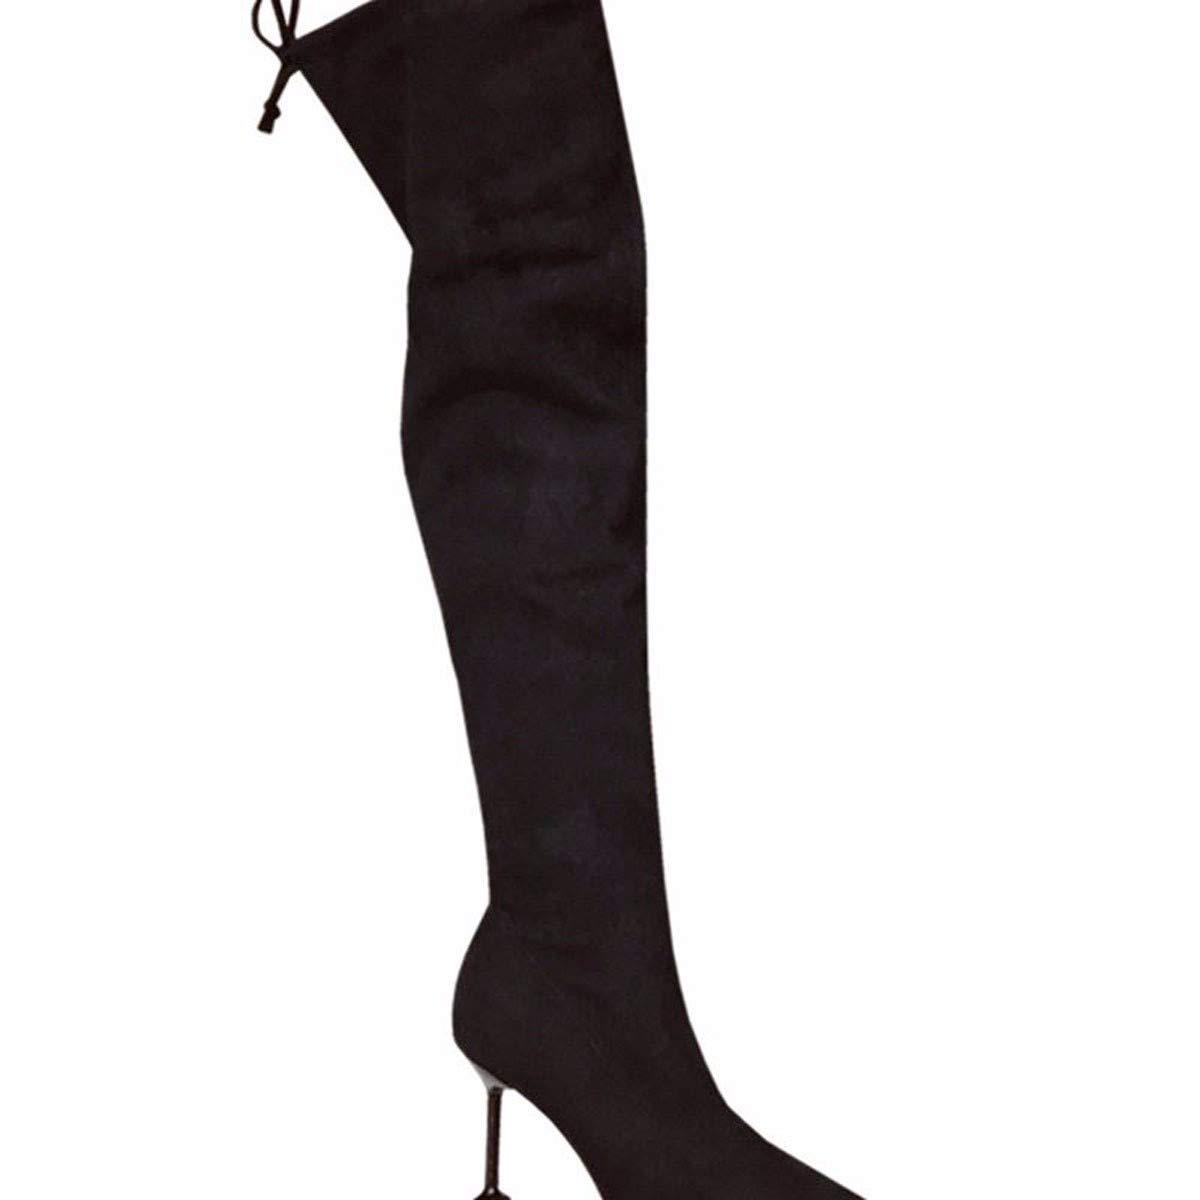 HBDLH Damenschuhe/Sexy Schlank Mit Hohen 8Cm Knie - Wildleder Spitze Dünne Sohle Stiefel Schwarz - Mode - Stiefel.